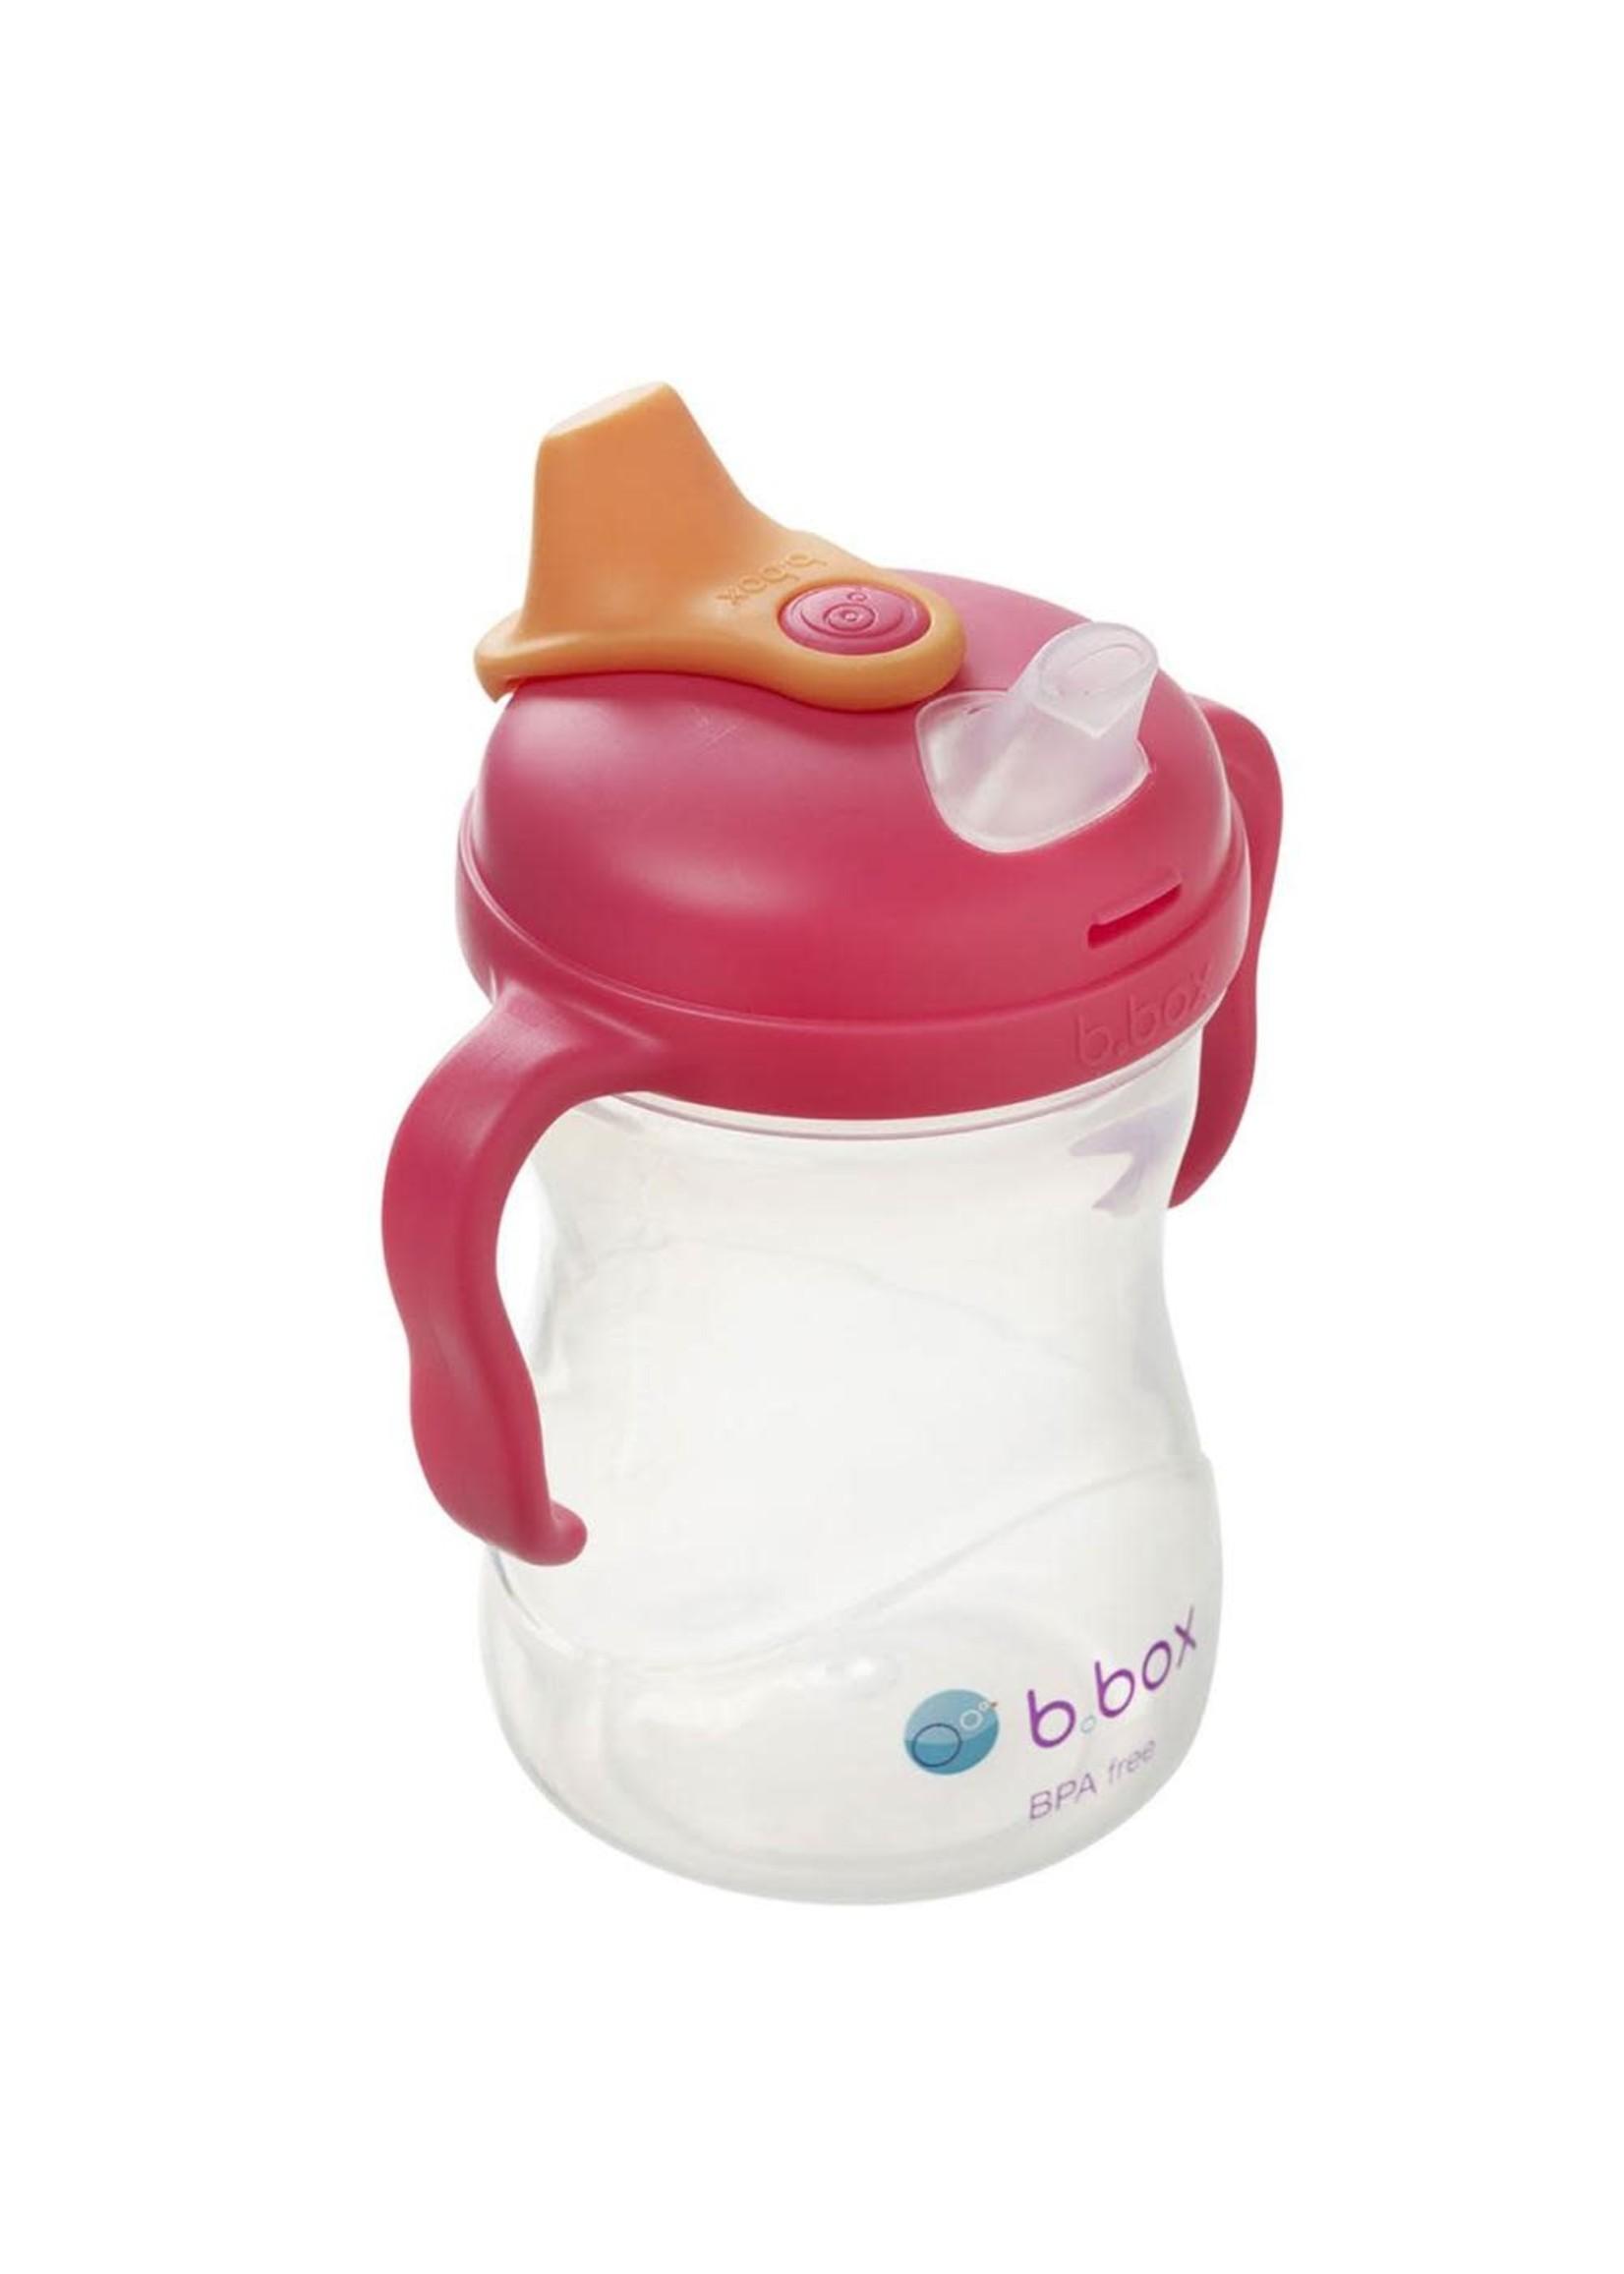 b.box b.box Spout Cup (Raspberry)